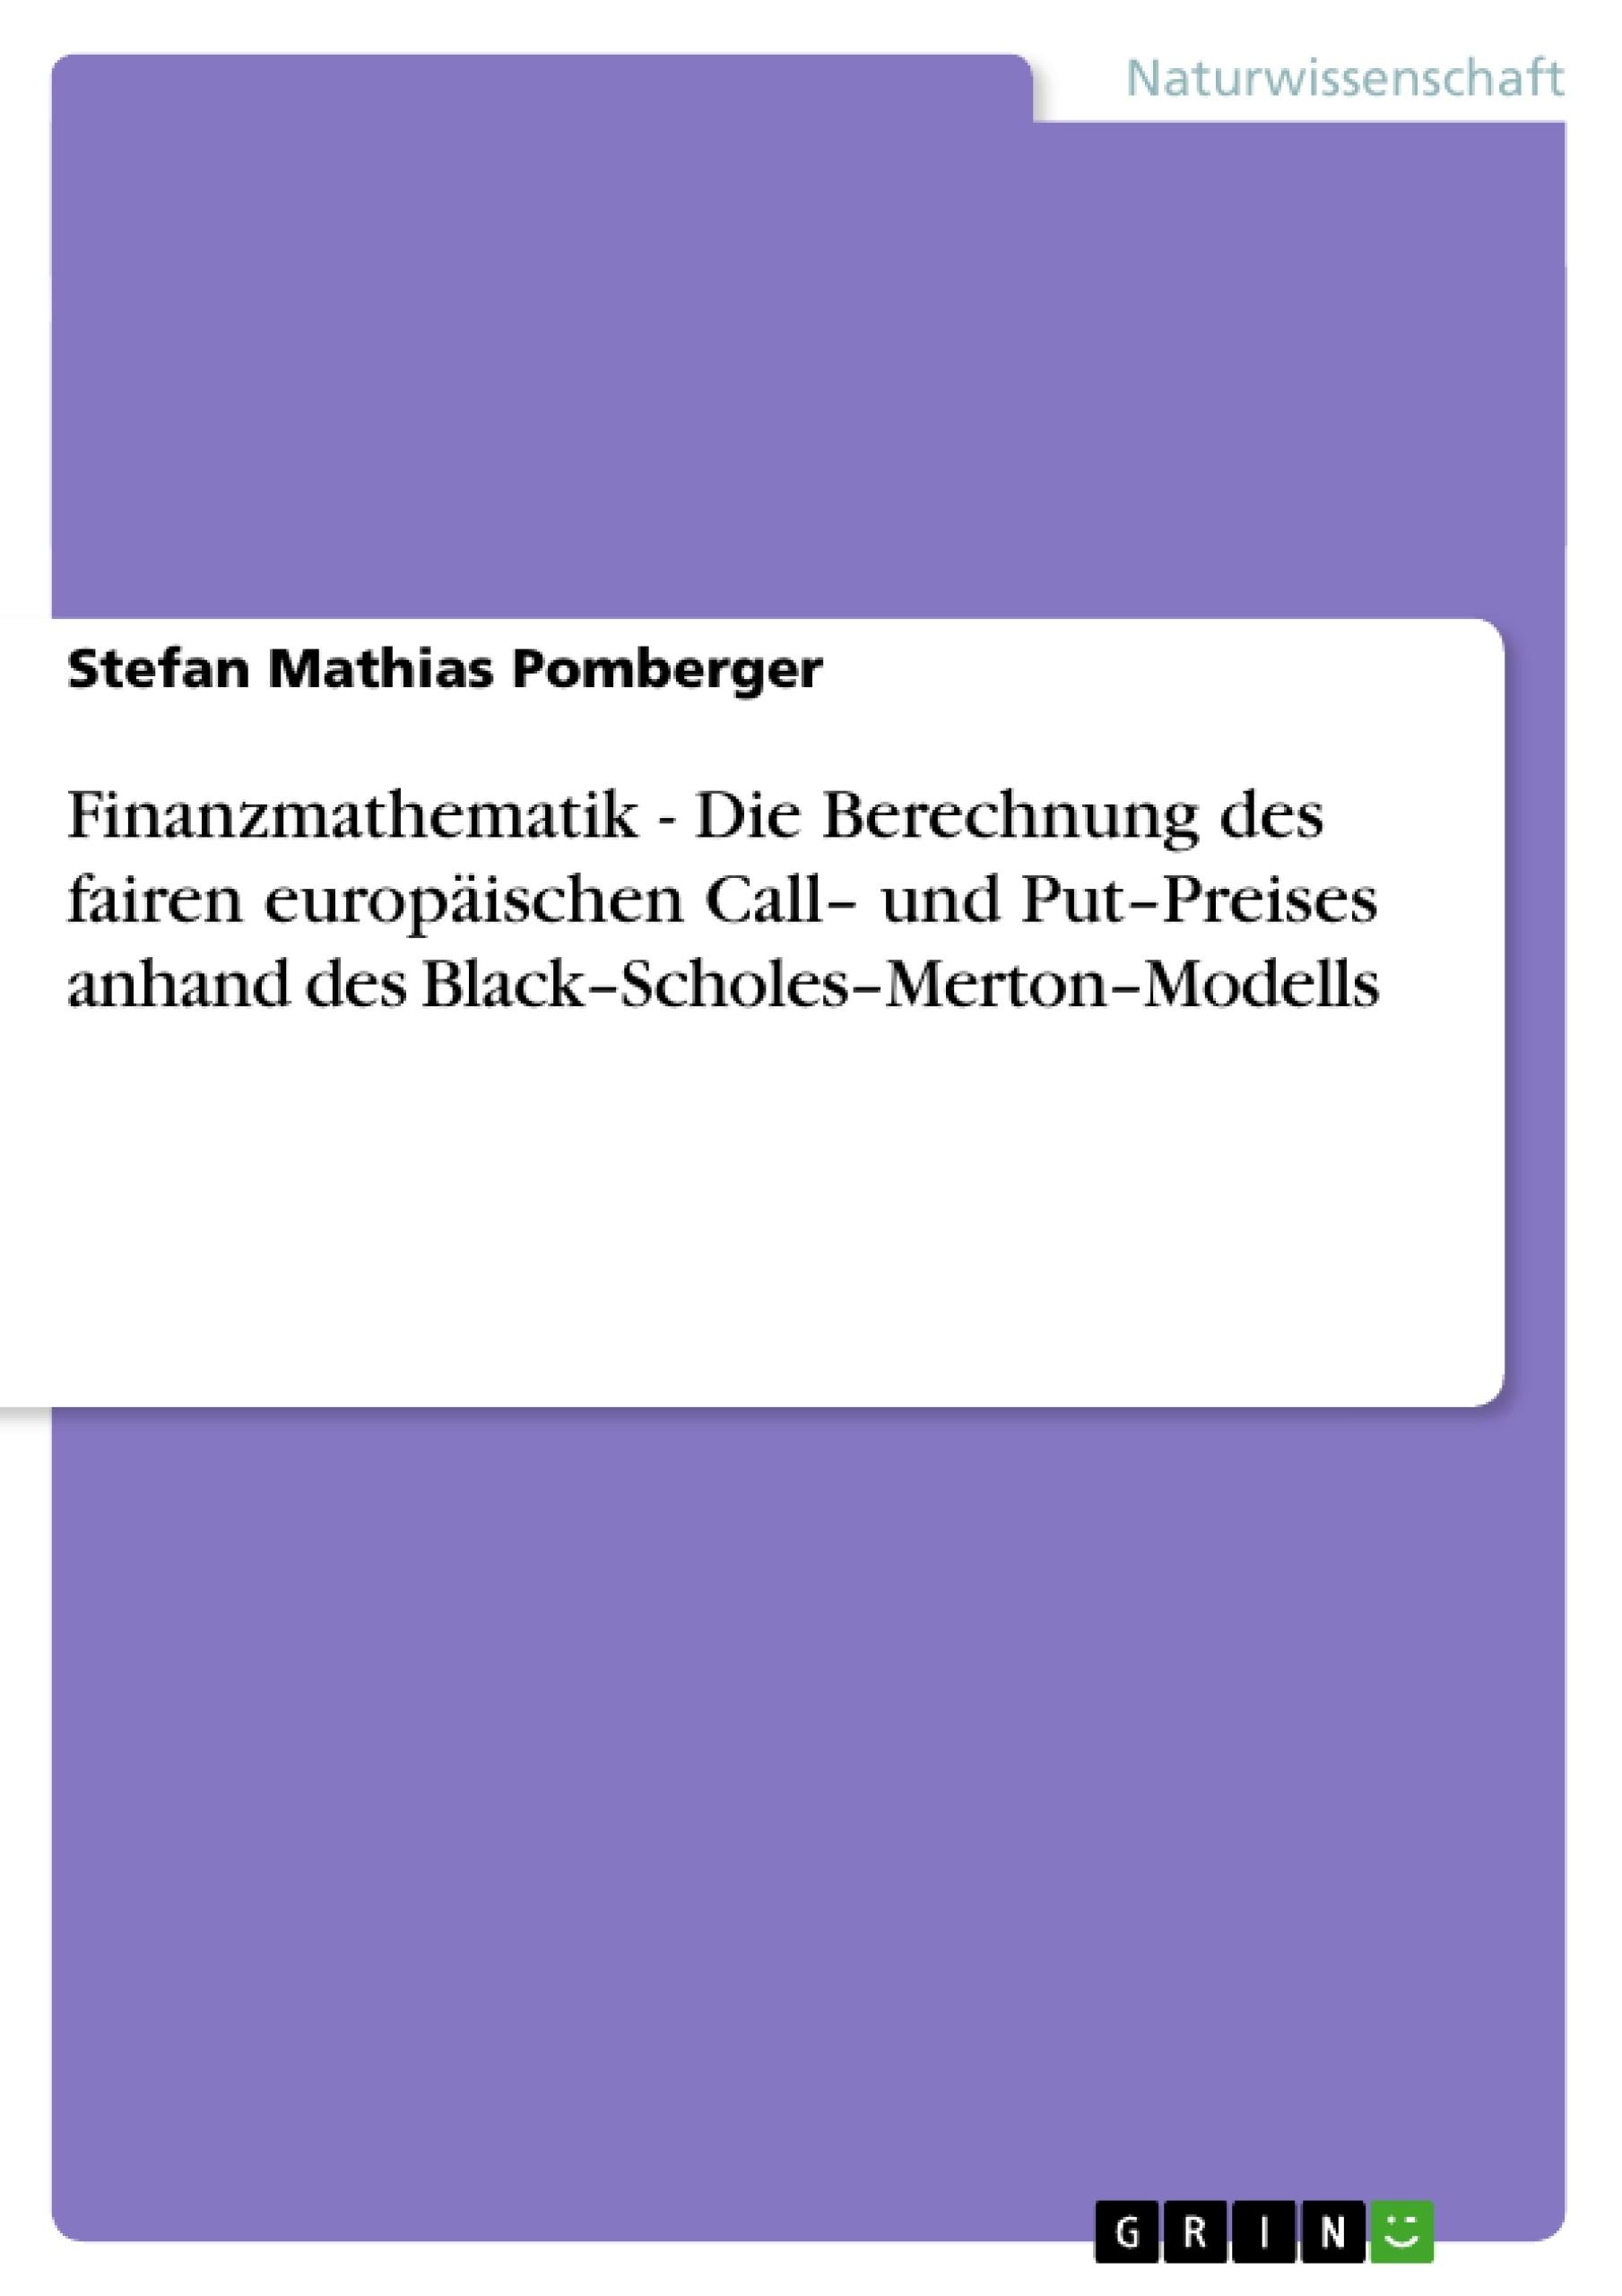 Titel: Finanzmathematik - Die Berechnung des fairen europäischen Call– und Put–Preises anhand des  Black–Scholes–Merton–Modells